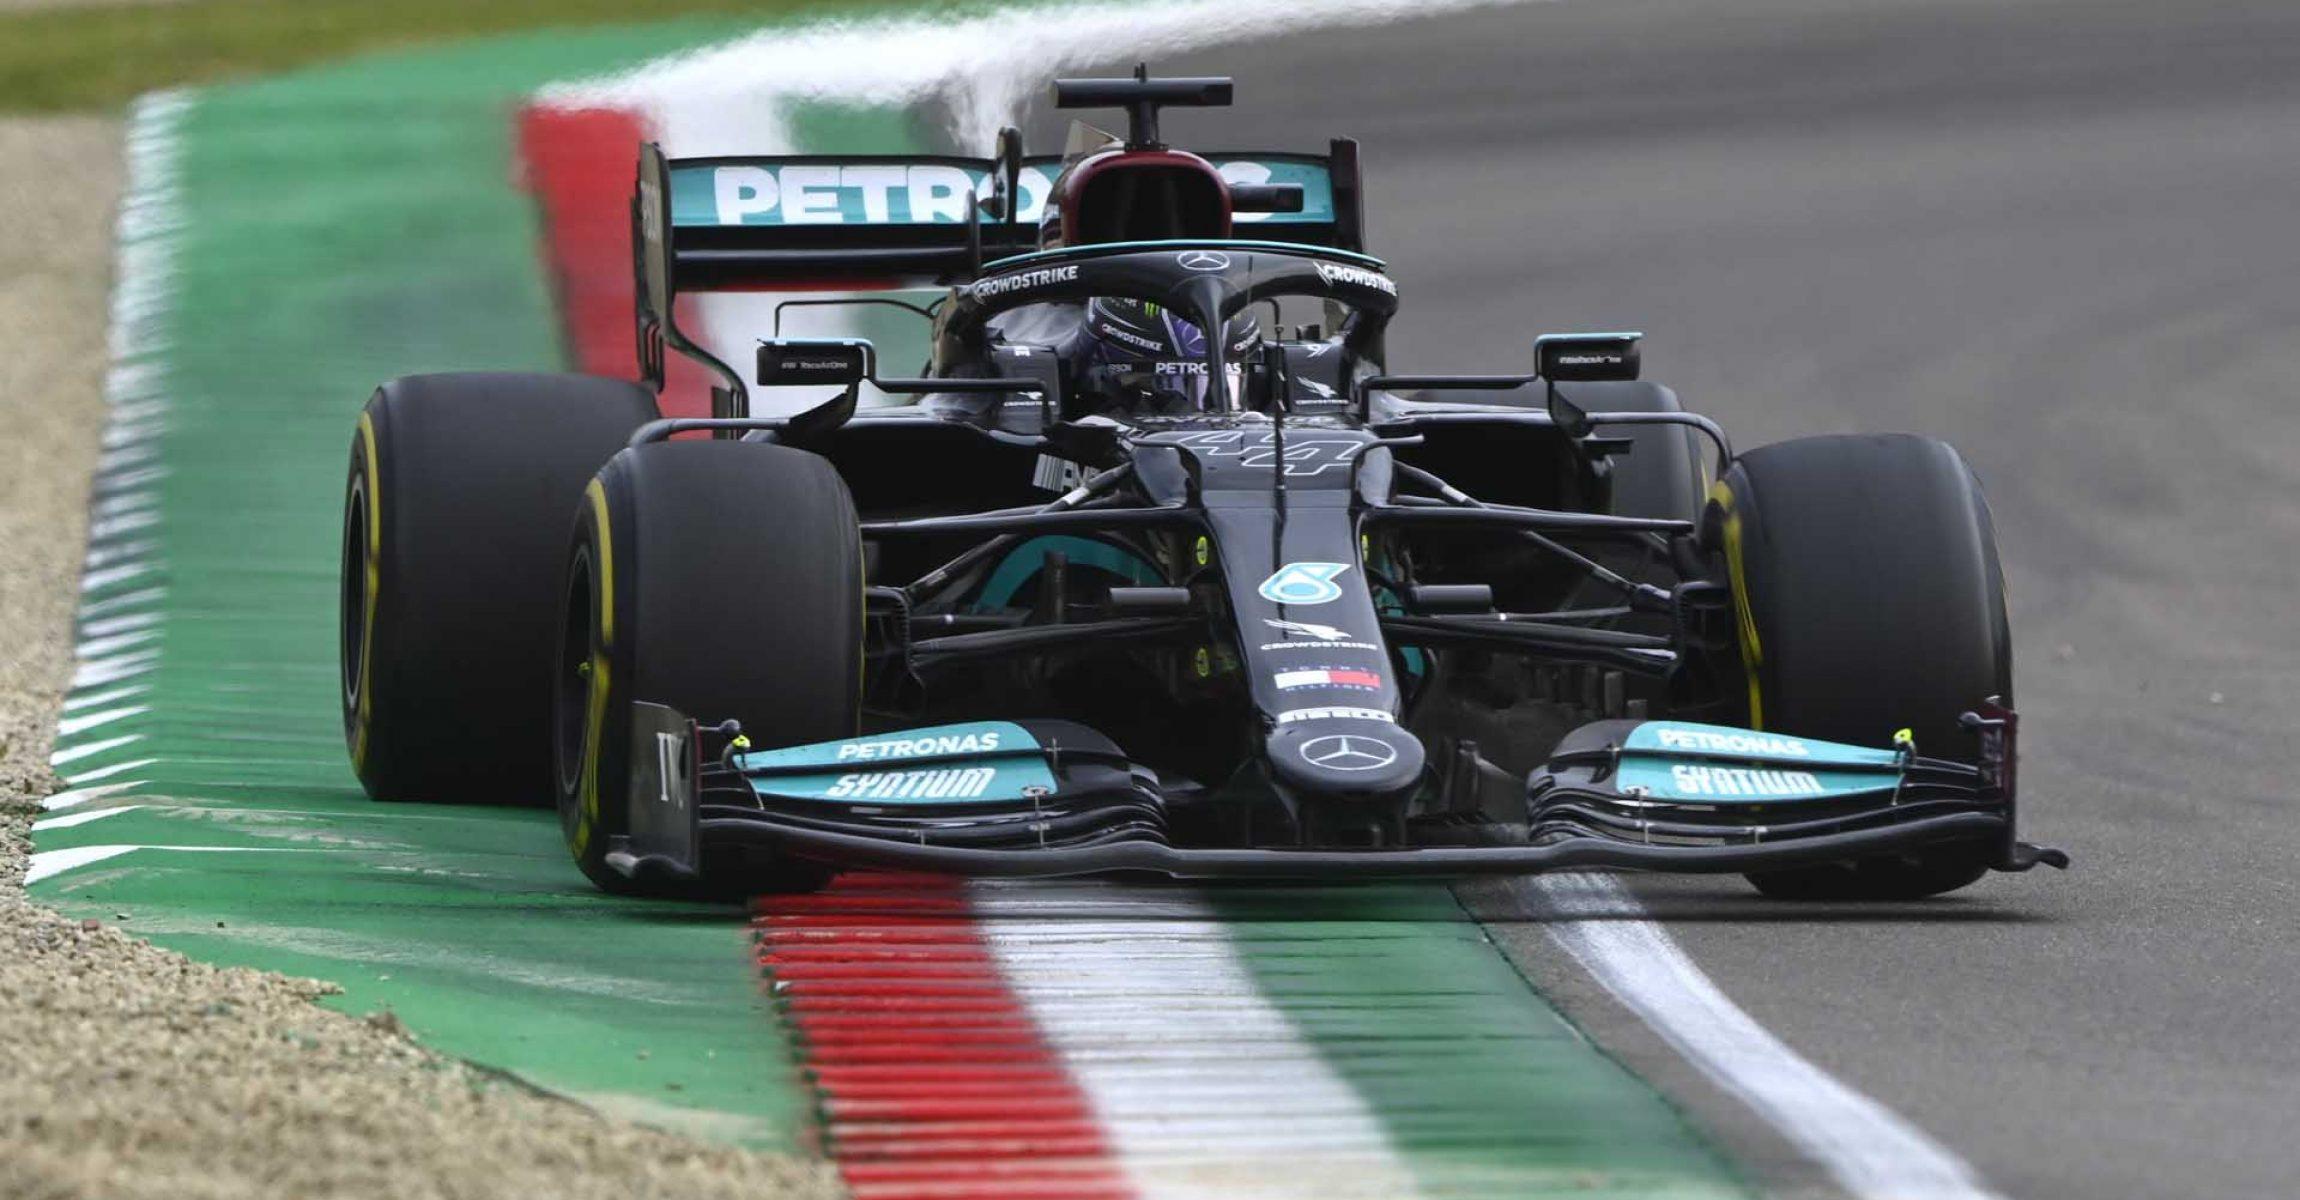 2021 Emilia Romagna Grand Prix, Sunday - LAT Images Lewis Hamilton Mercedes